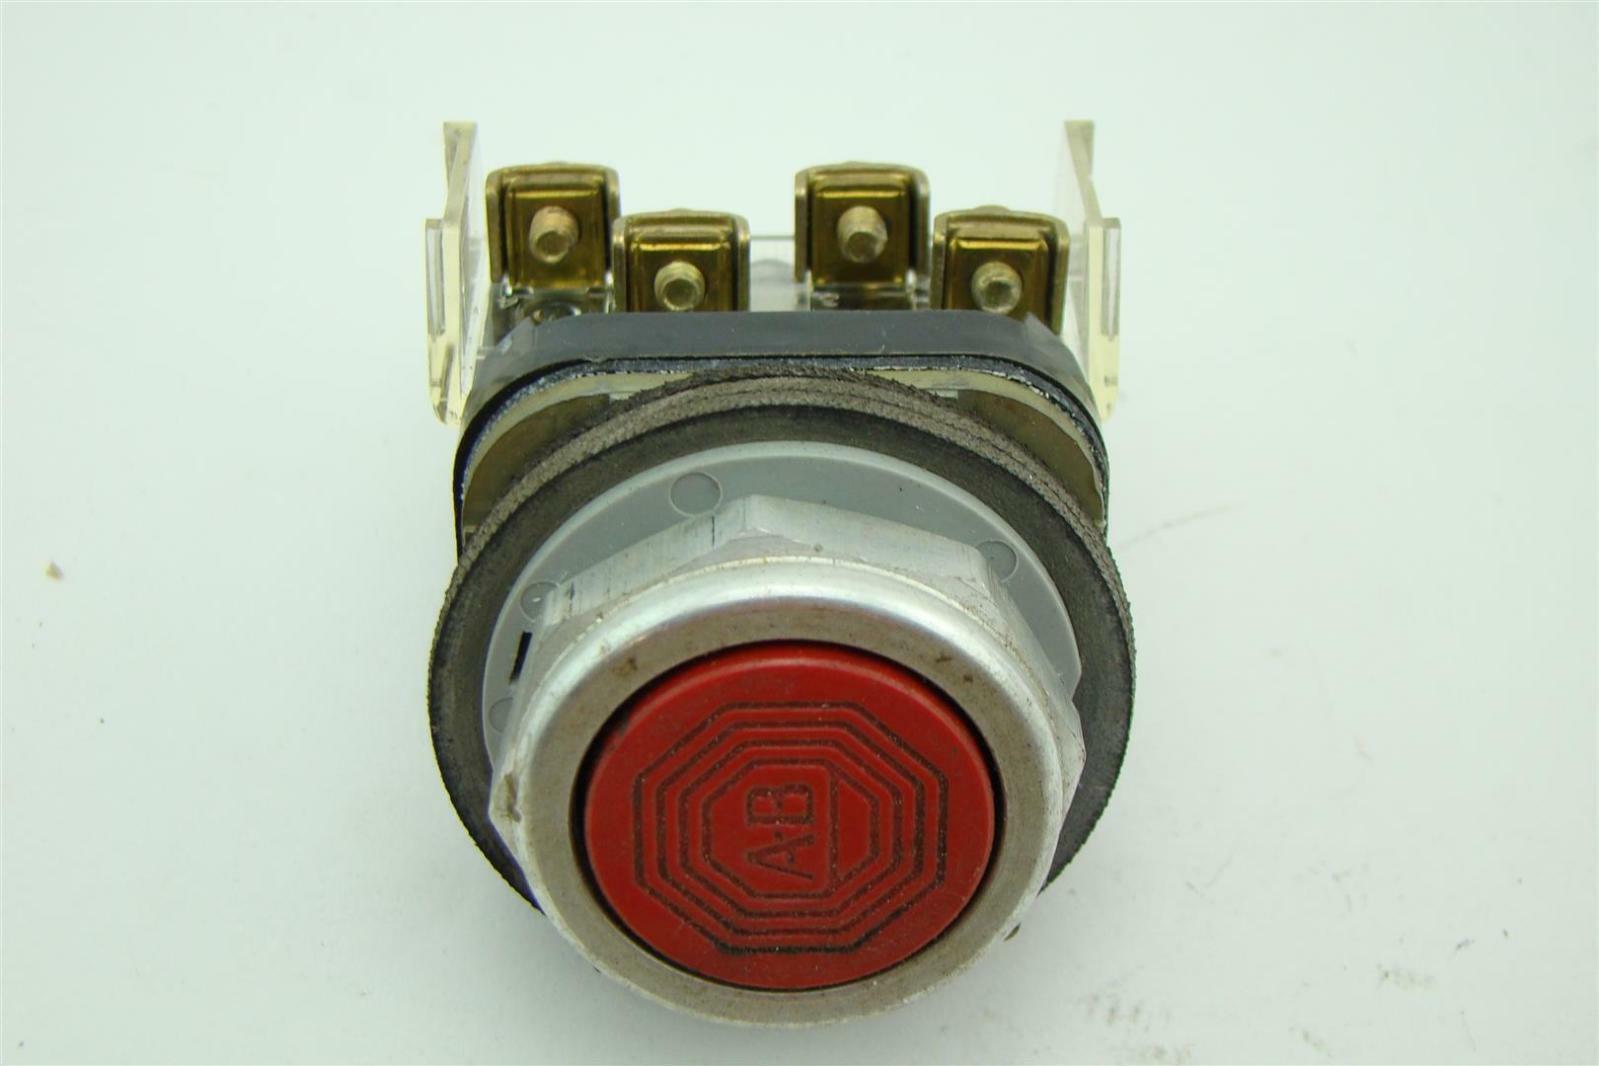 akf202 allen bradley series d 800t xa 2 800t xa wiring diagrams wiring diagrams 800t-j2 wiring diagram at alyssarenee.co